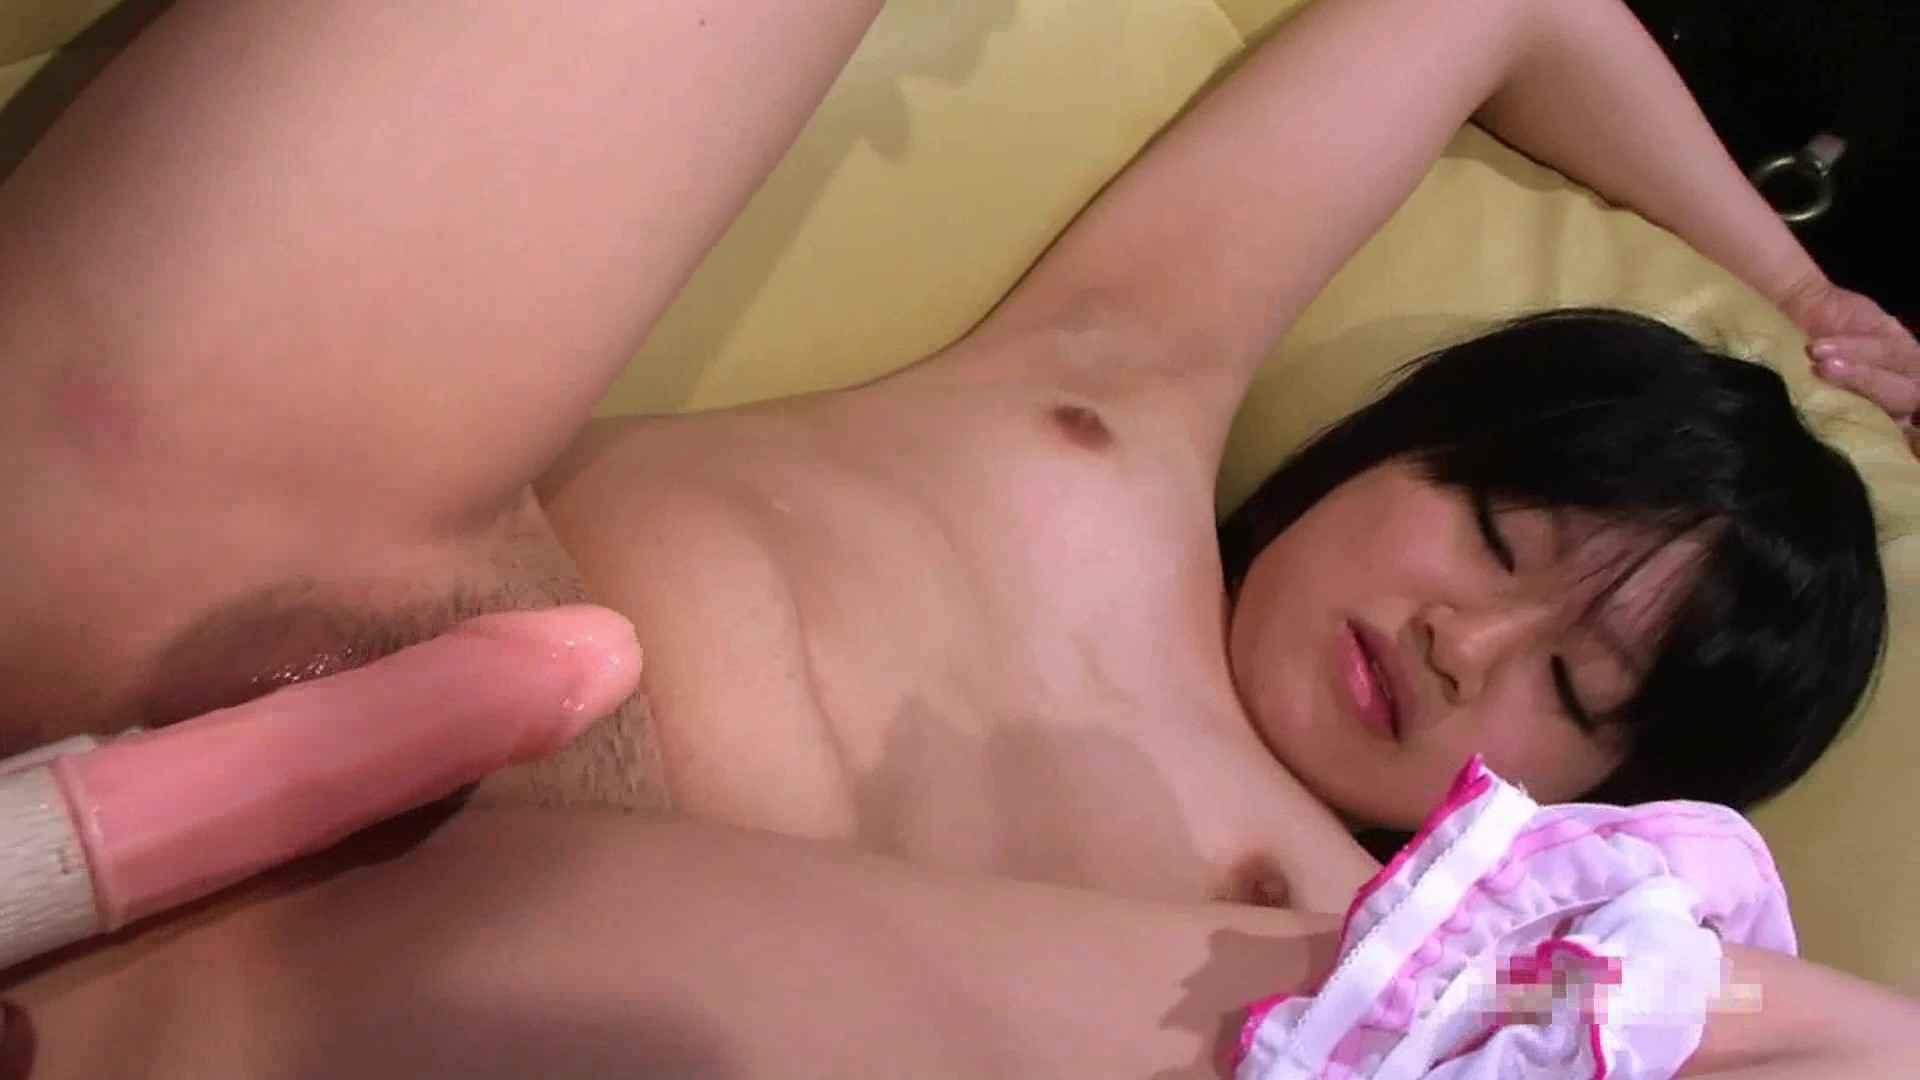 投稿素人 みゆきちゃん19歳vol.2 一般投稿 スケベ動画紹介 76pic 39